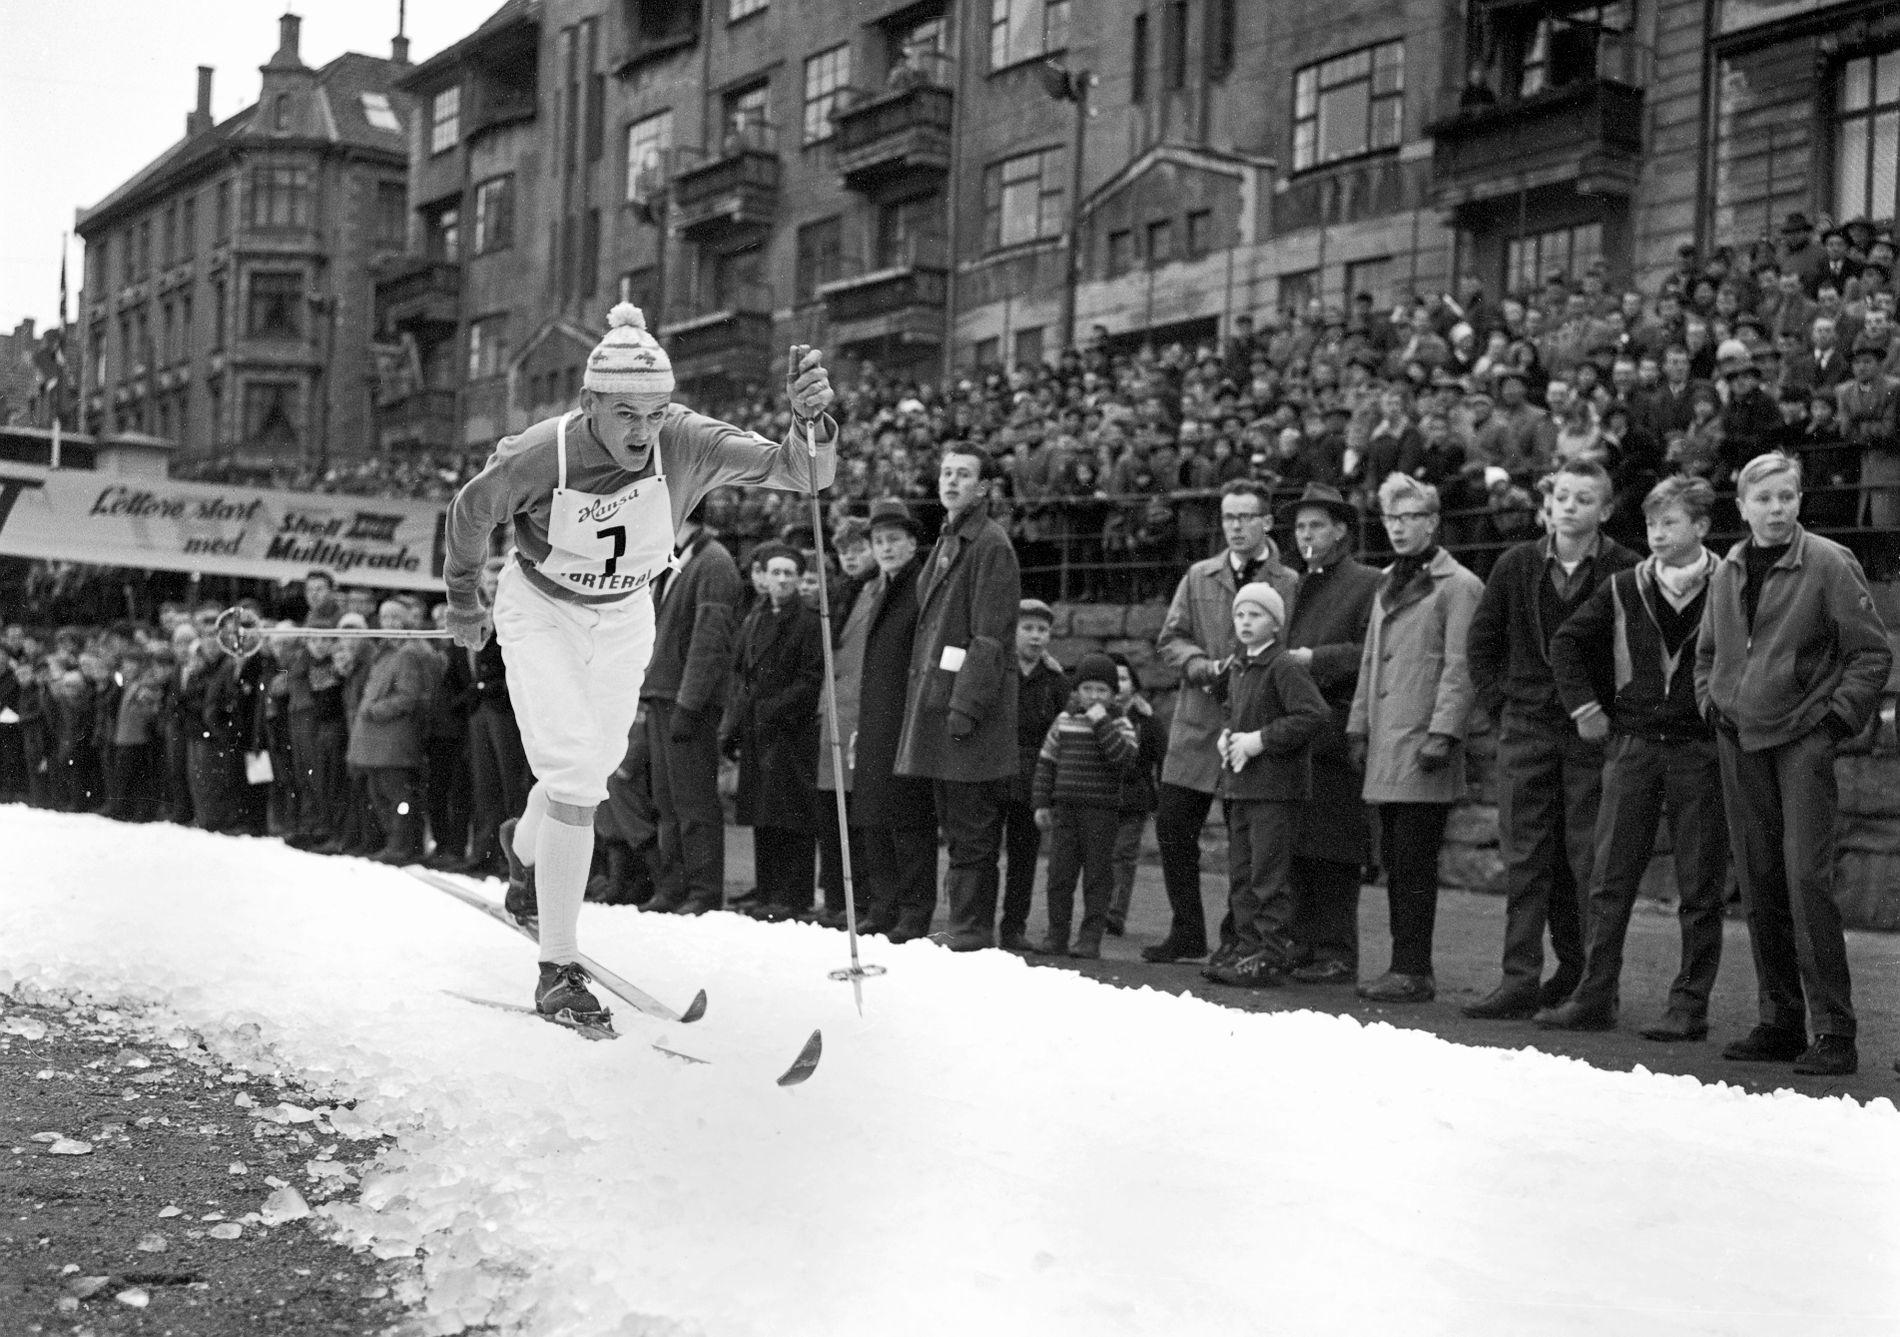 KUNSTSNØ: Svenskenes verdensstjerne Assar Rønnlaund ble nummer to etter Harald Grønningen i rennet på hundre tonn kunstsnø på Møhlenpris i Nygårdsparken i november 1961. Tre tusen tilskuere sto rundt banen, syv tusen ventet inne i parken.